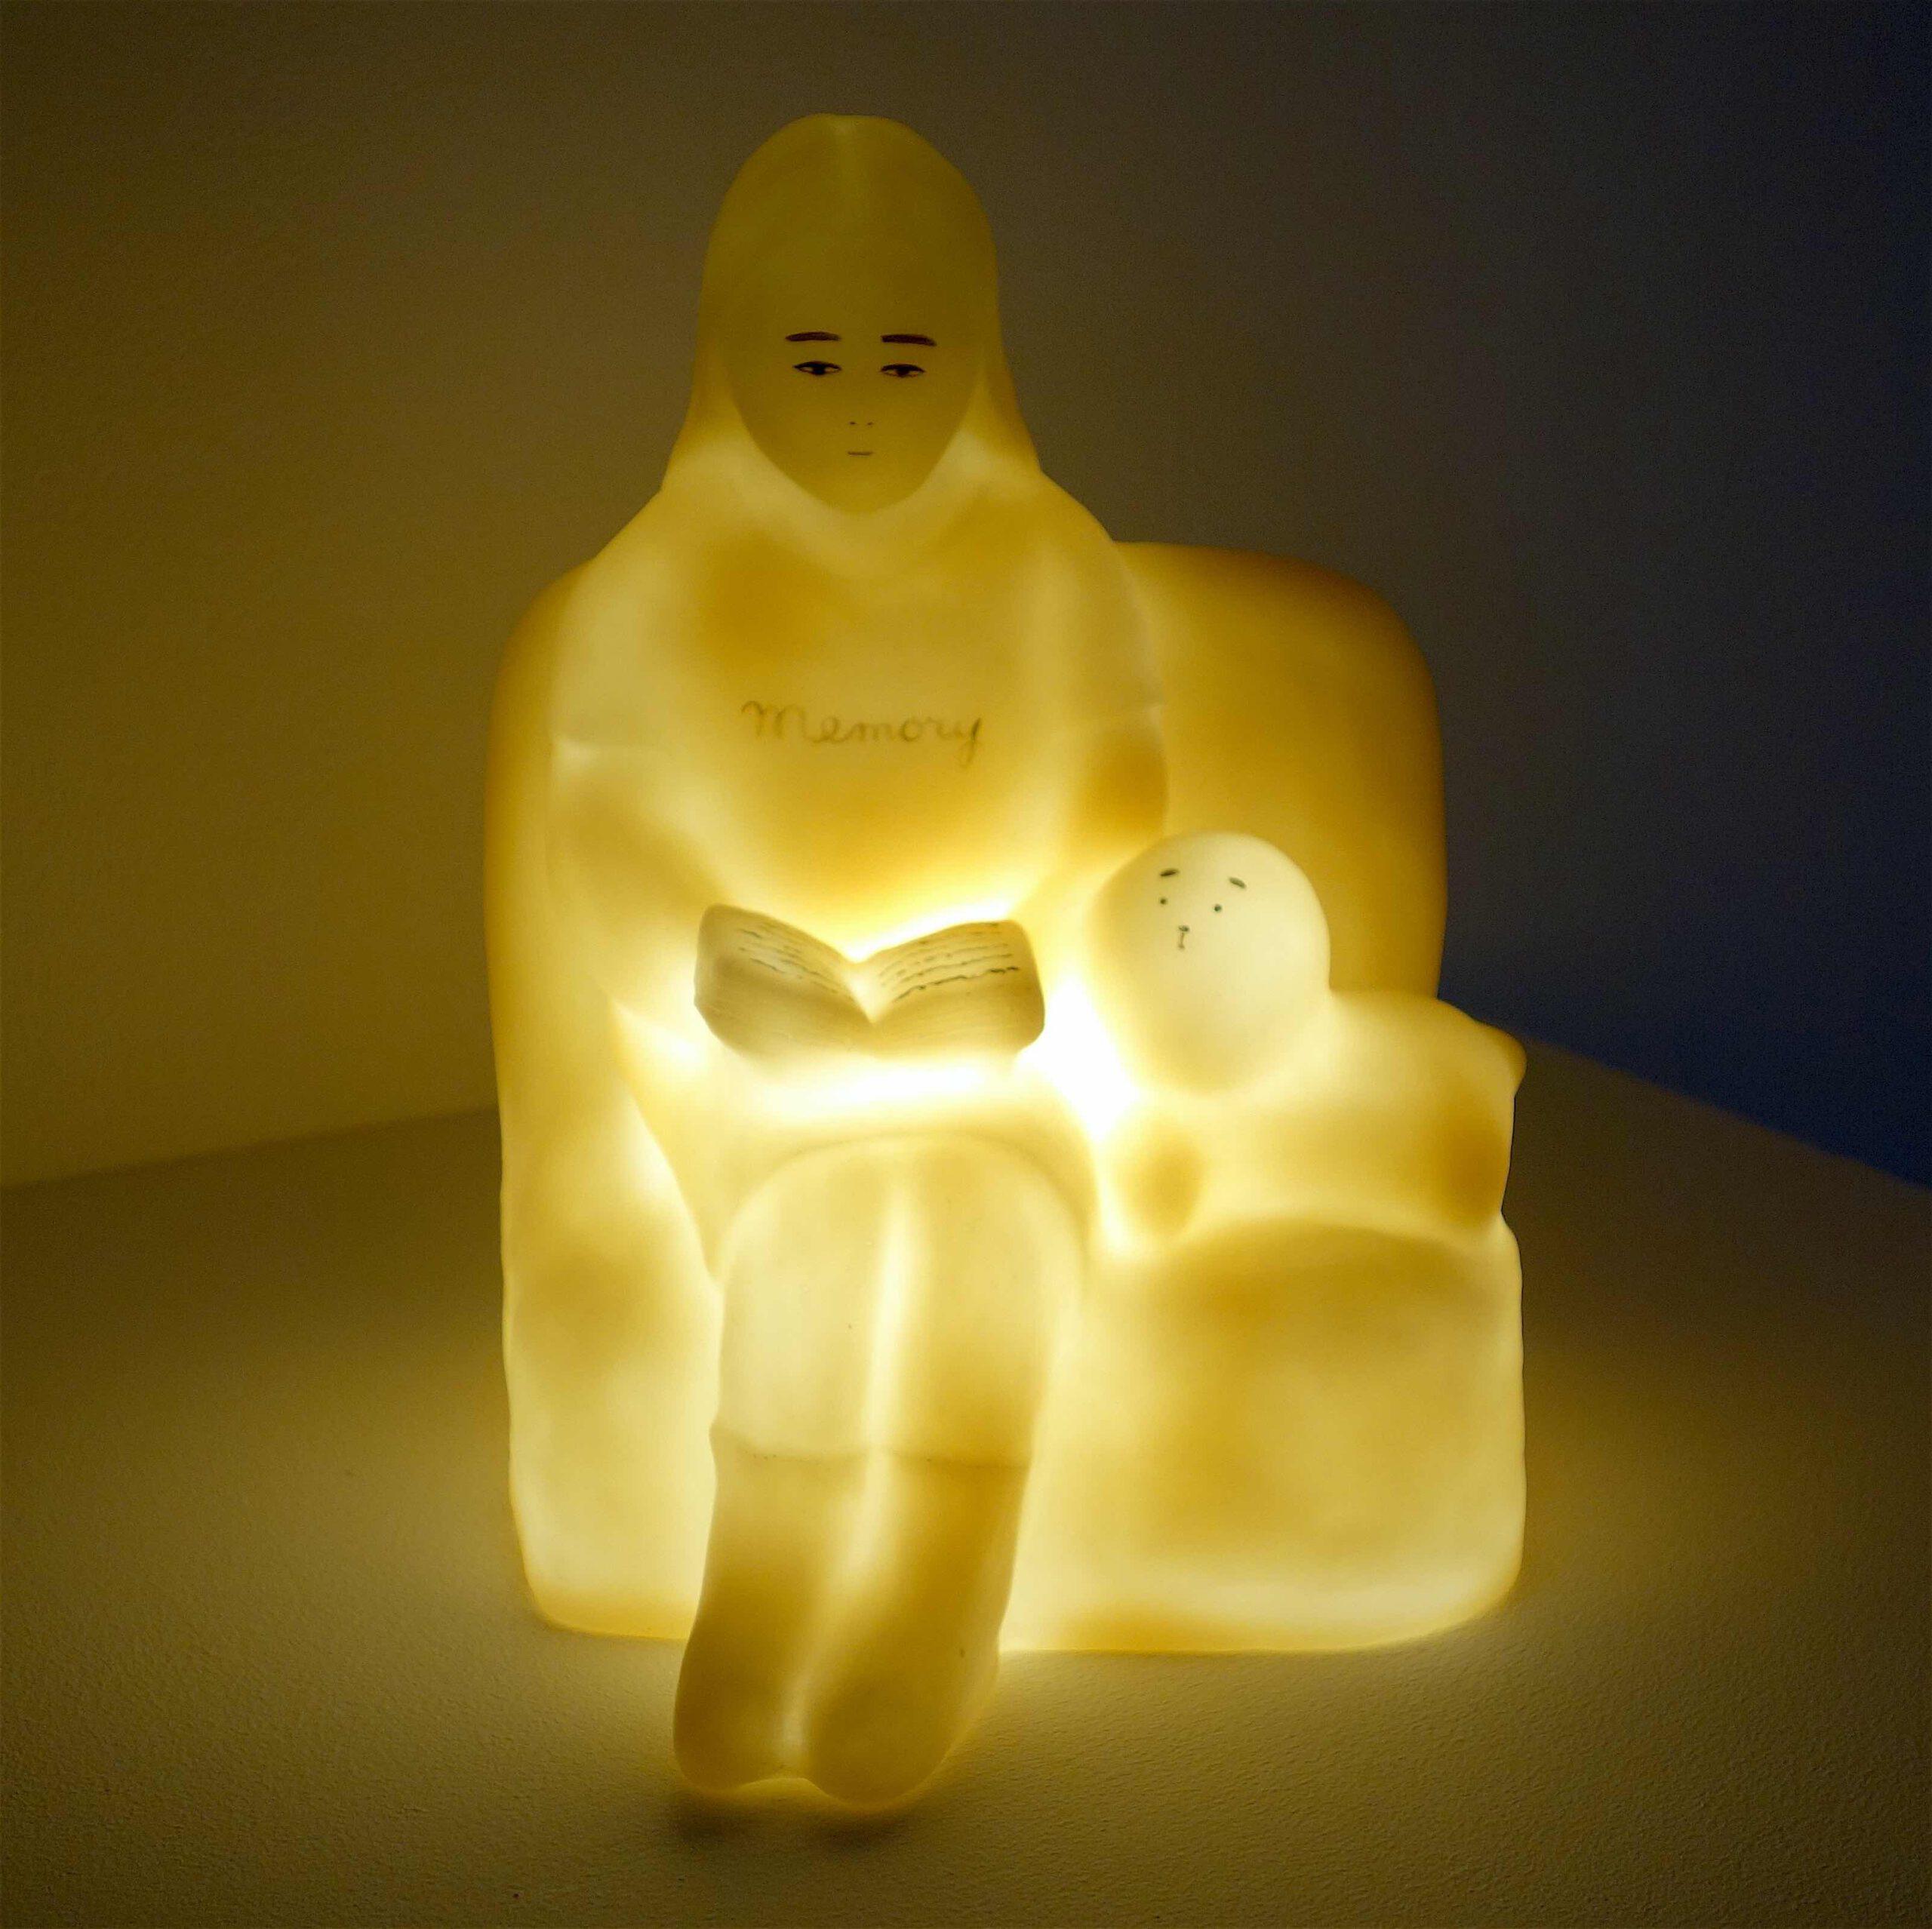 YOKOYAMA Nami 横山奈美 「ラブと私のメモリーズ」2020, resin, oil color, LED